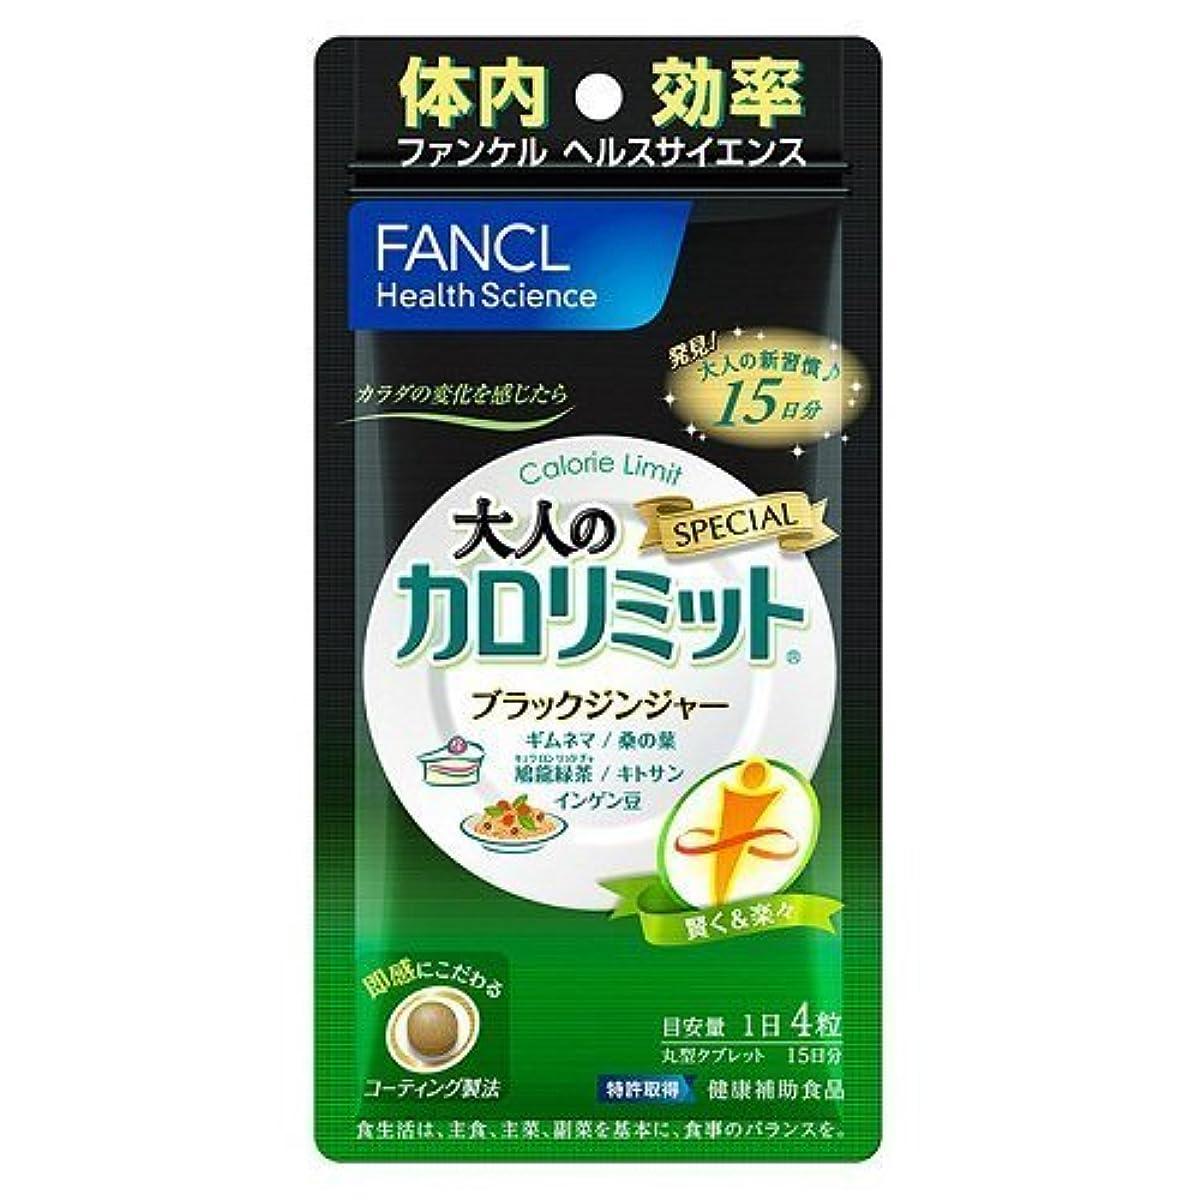 [해외] 후게루 성인용 칼로리 미트 15일분 60알